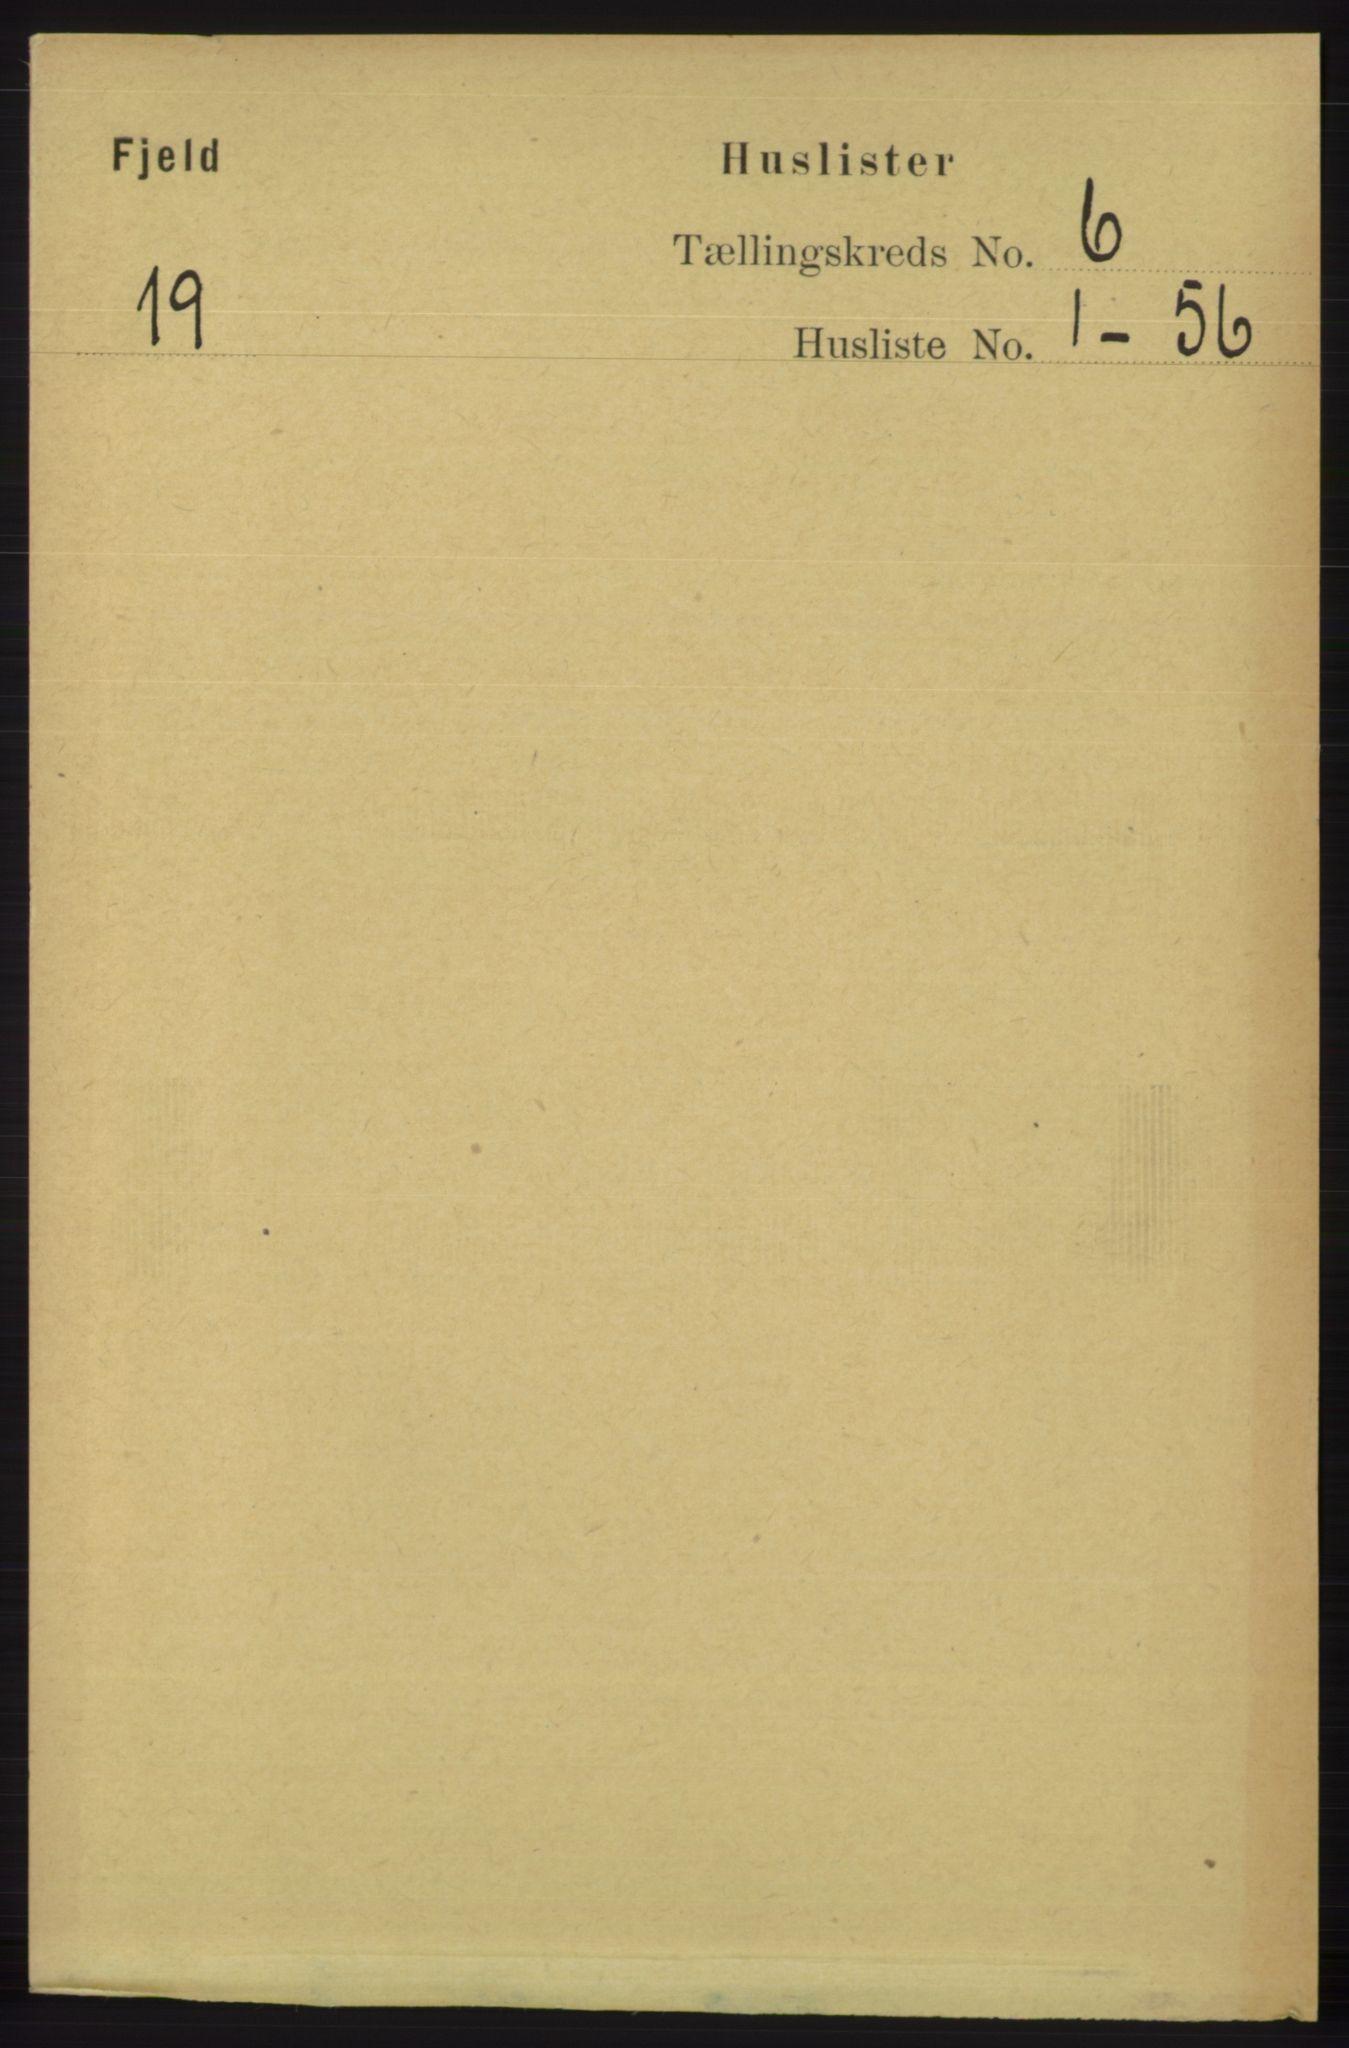 RA, Folketelling 1891 for 1246 Fjell herred, 1891, s. 2940